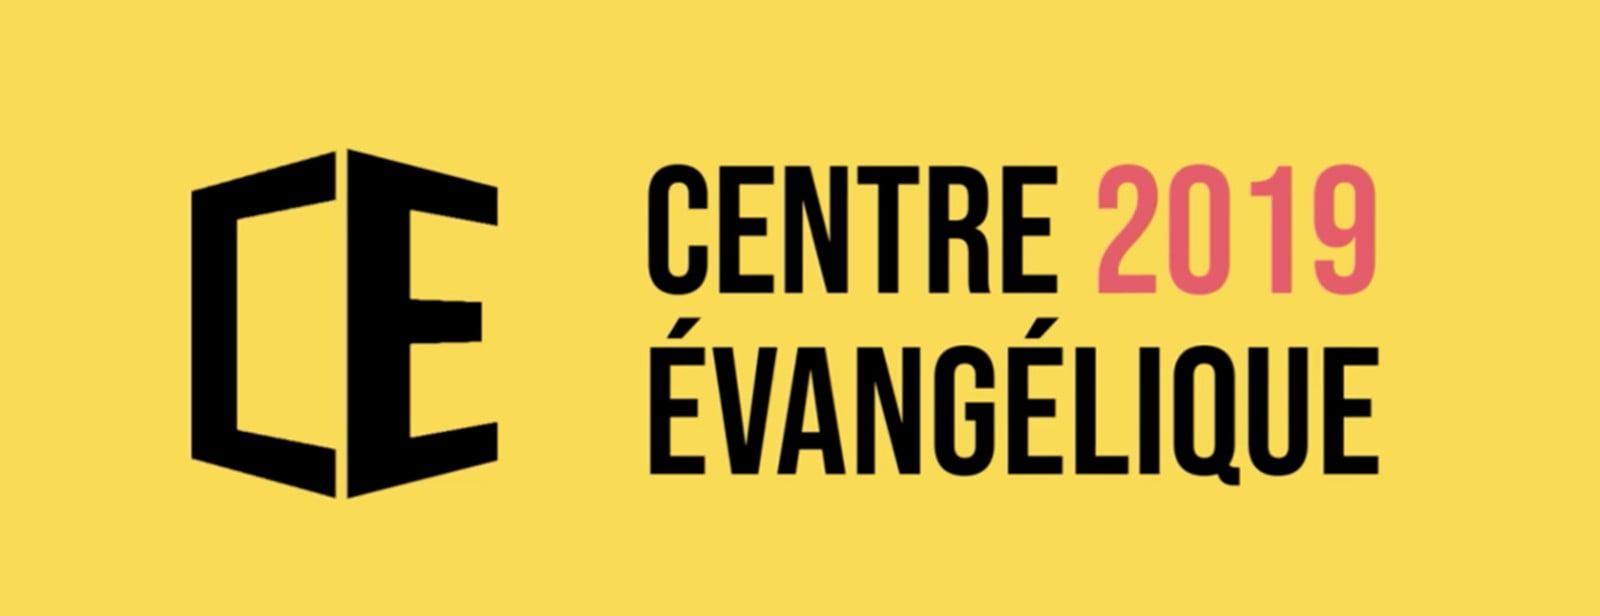 Venez rencontrer Science & Foi au centre Évangélique 2019 les 18 et 19 novembre